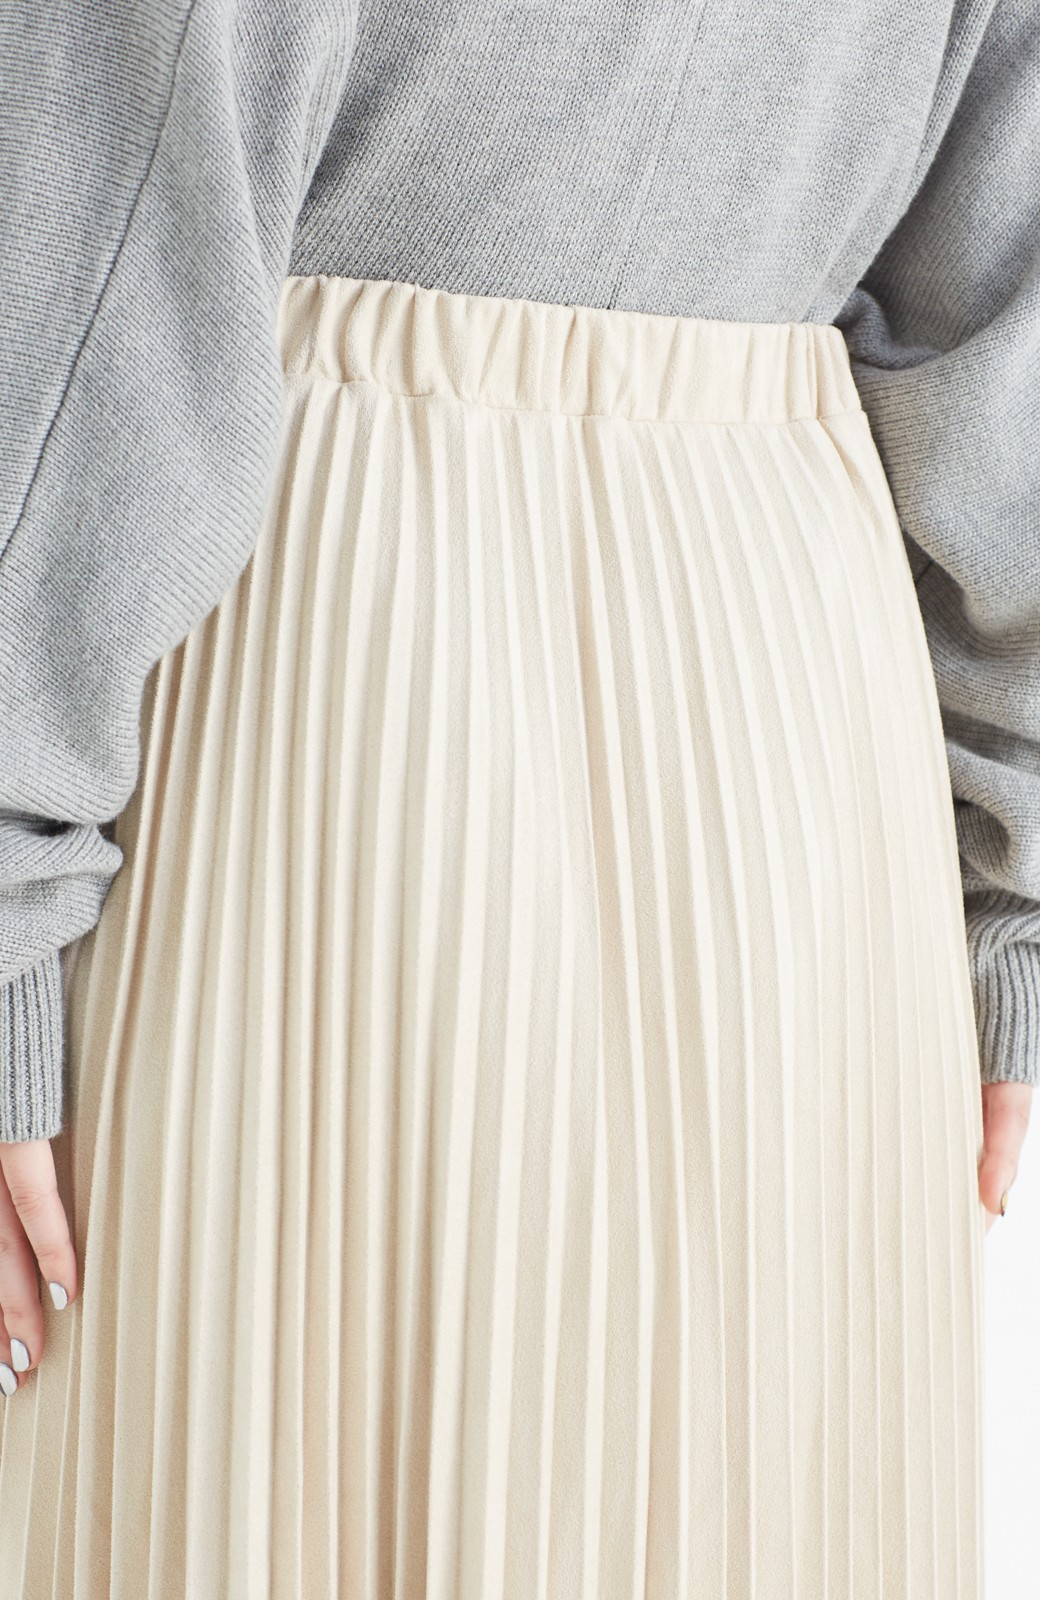 haco! 楽して女っぽい フェイクスエードのプリーツスカート  by que made me <ライトベージュ>の商品写真6